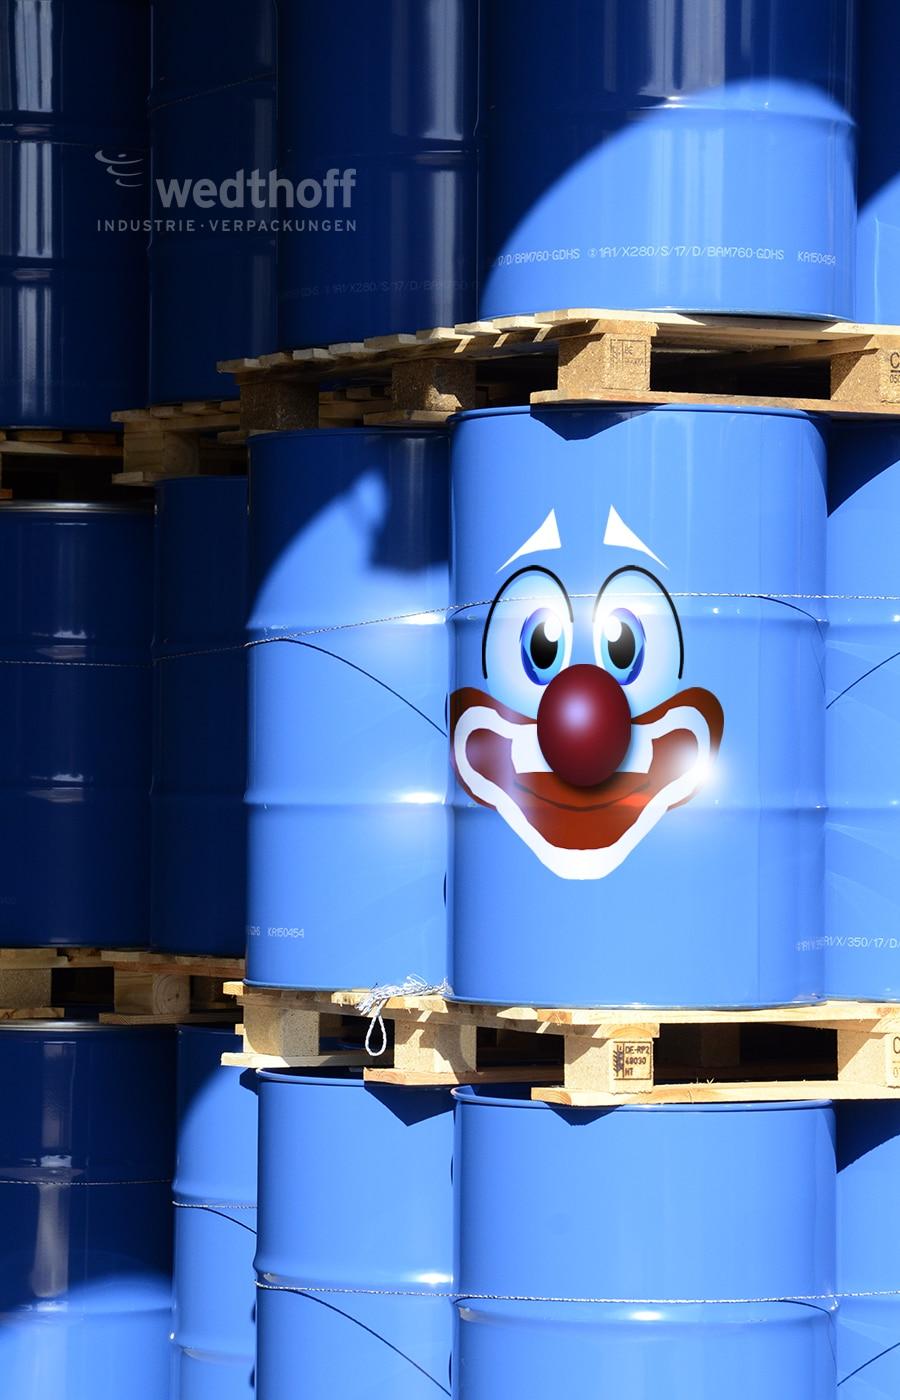 Karneval und Stahlfass – WEDTHOFF Industrieverpackungen Gefahrgutverpackungen